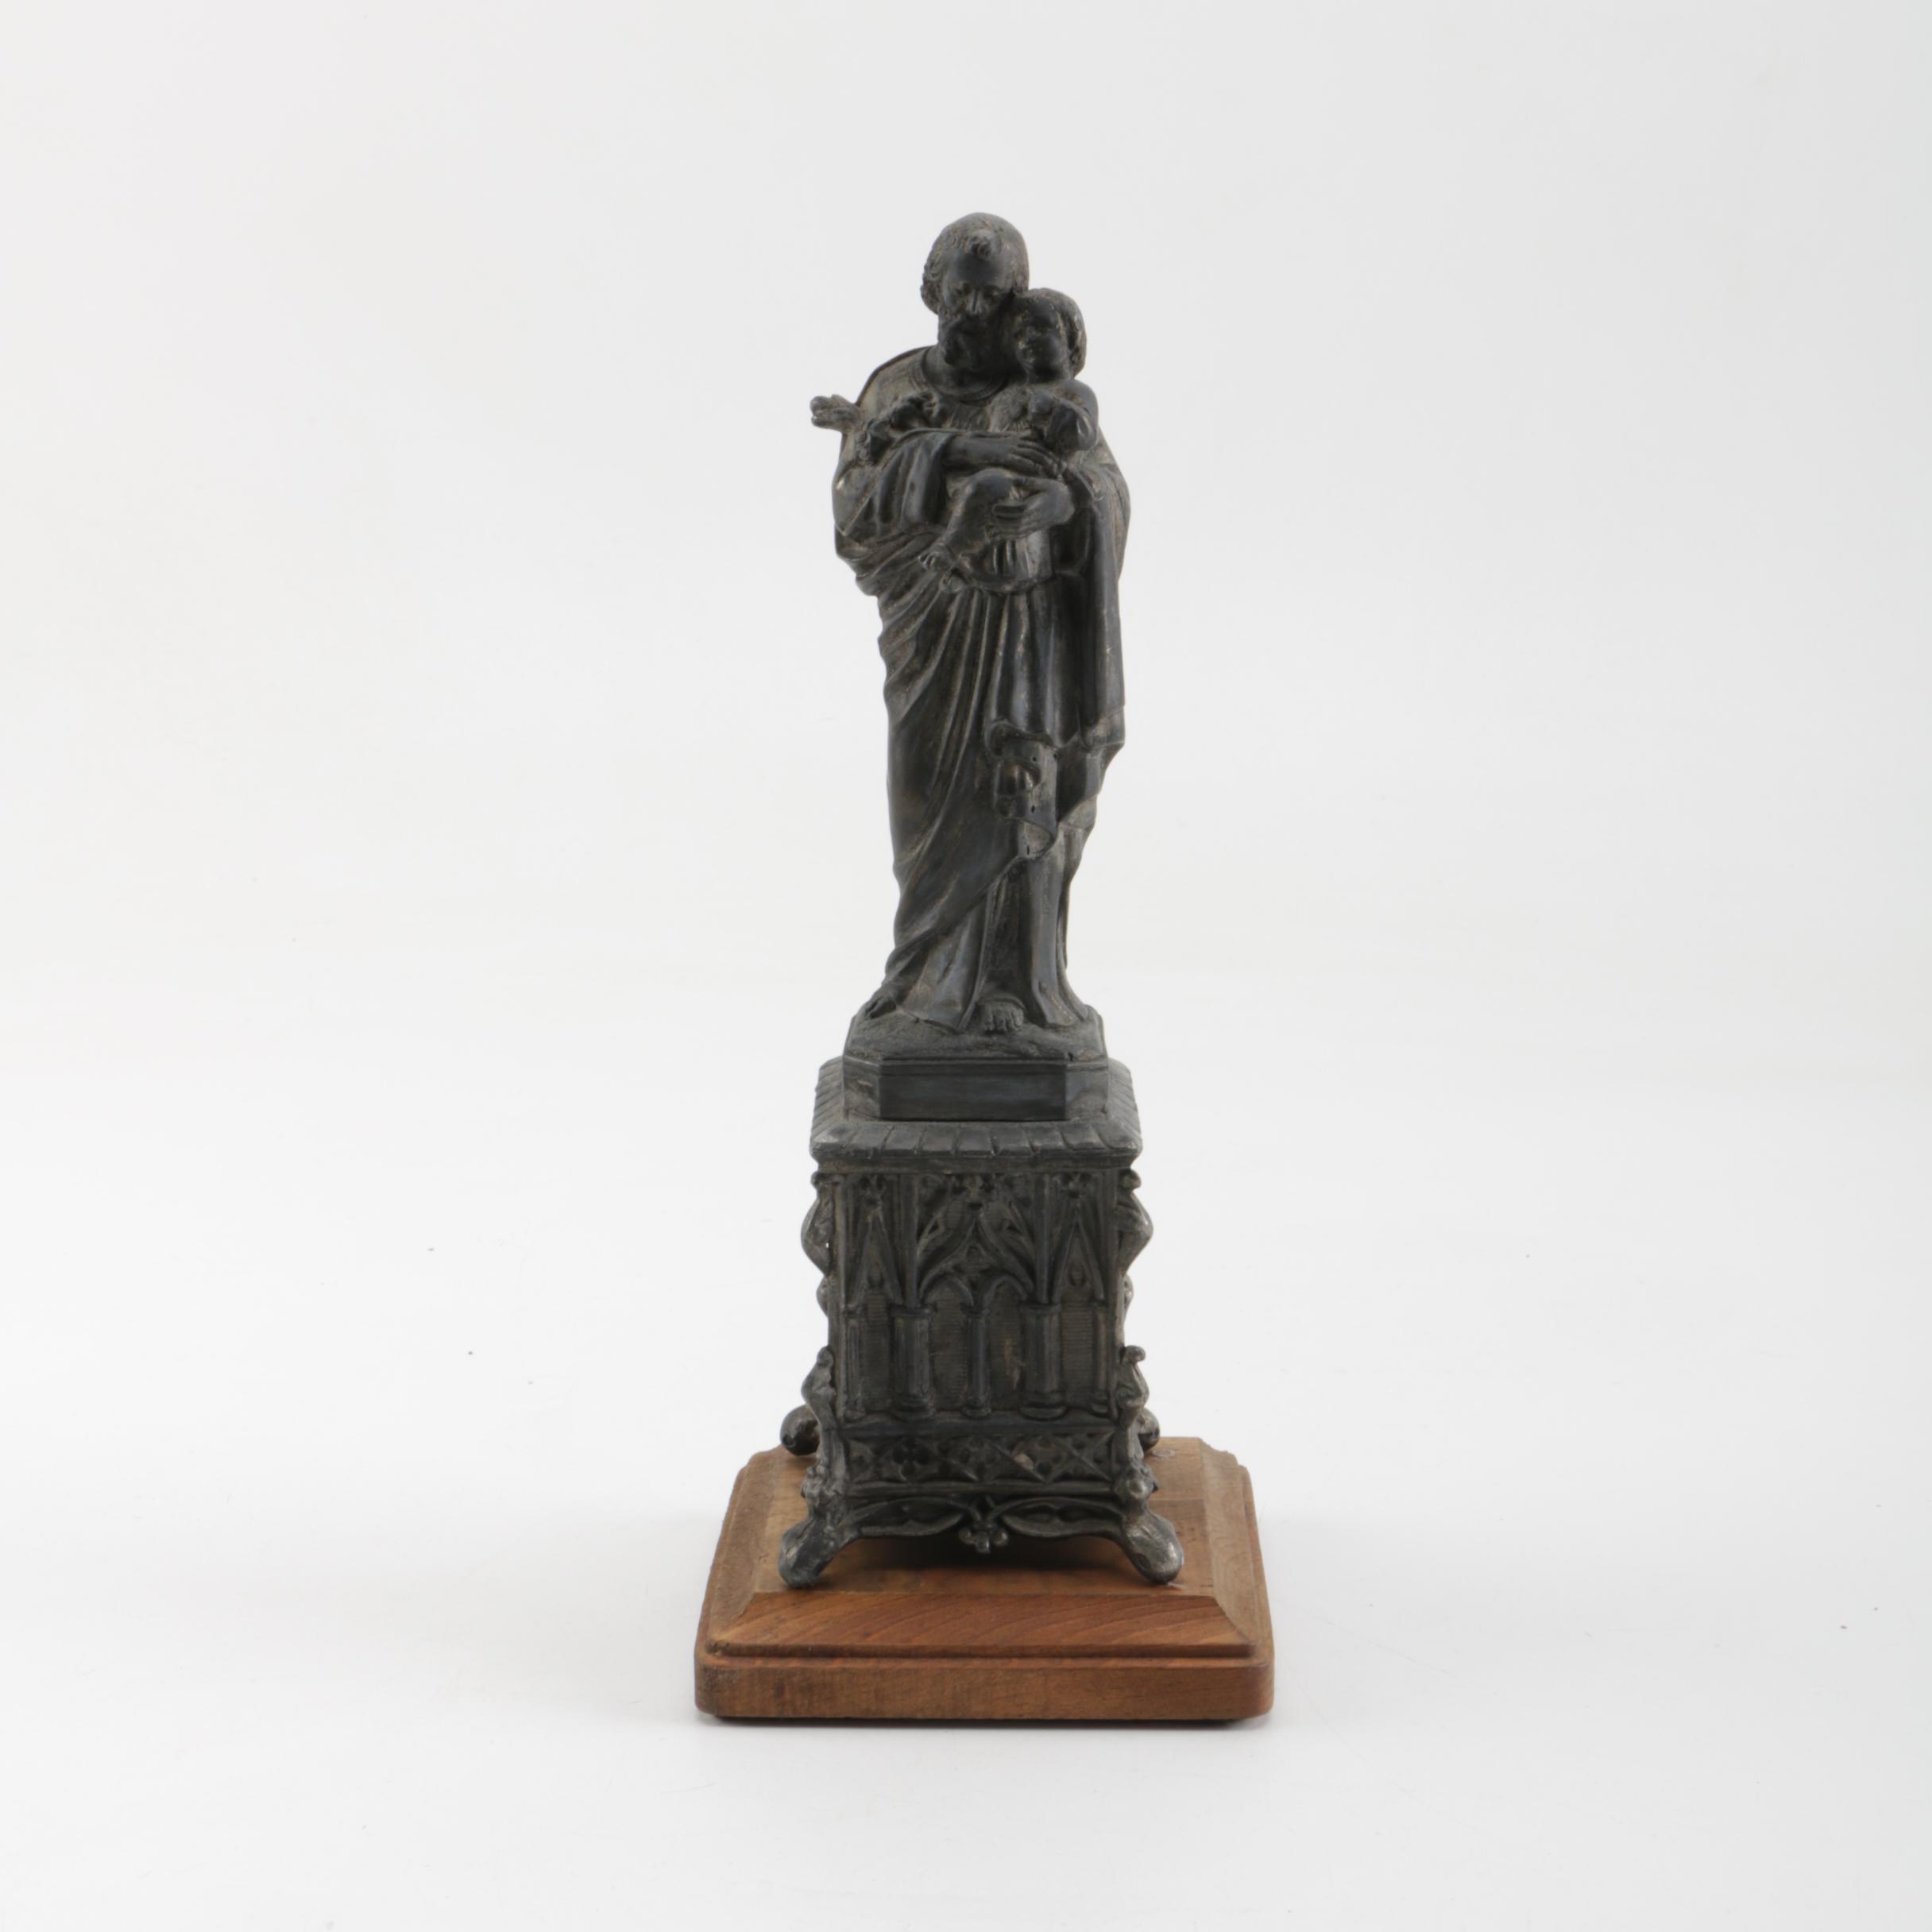 Metal Saint Anthony Figurine on Wood Stand